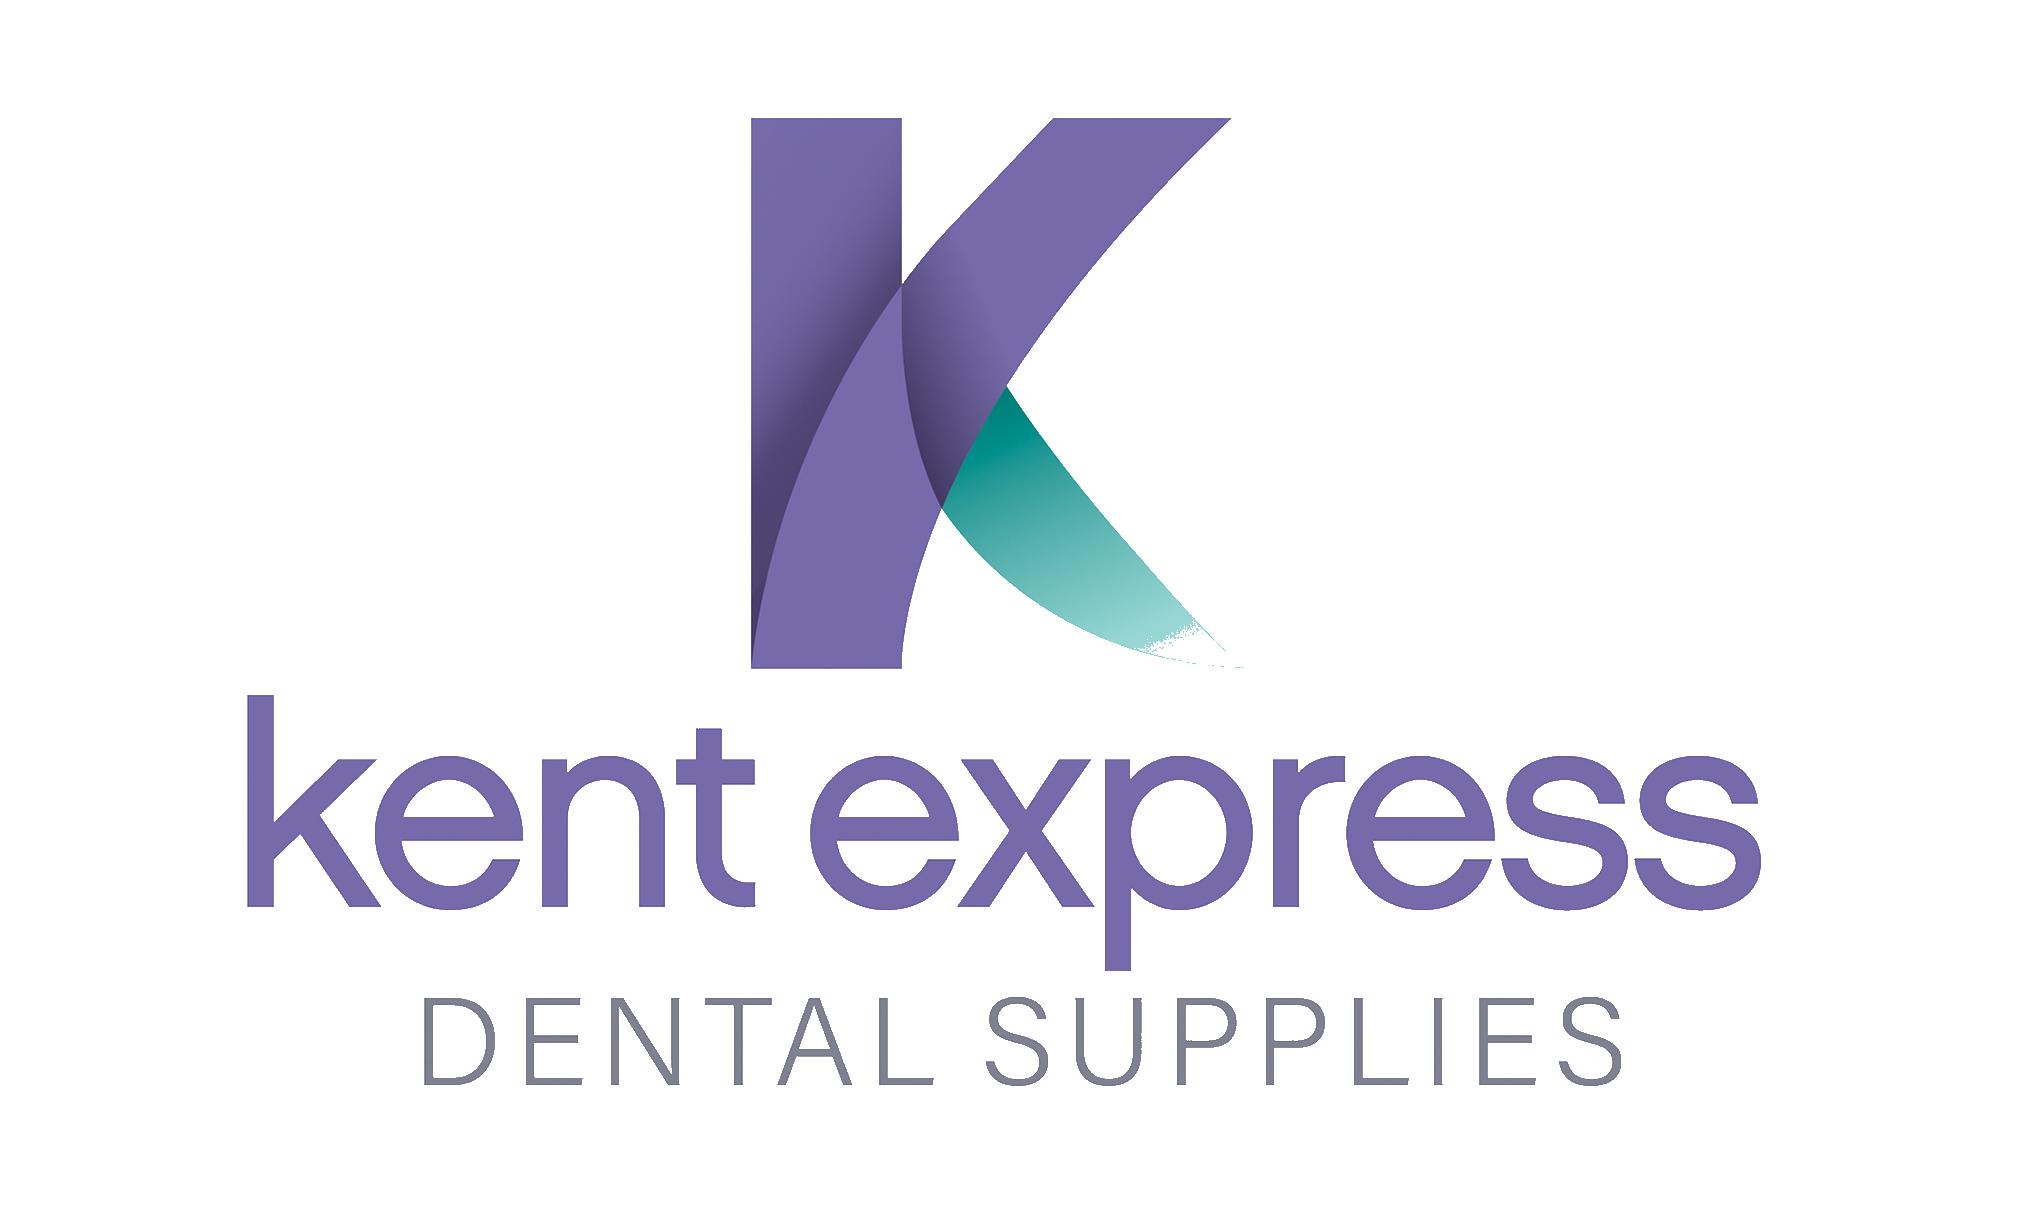 New Kent Express Dental Supplies Logo.png